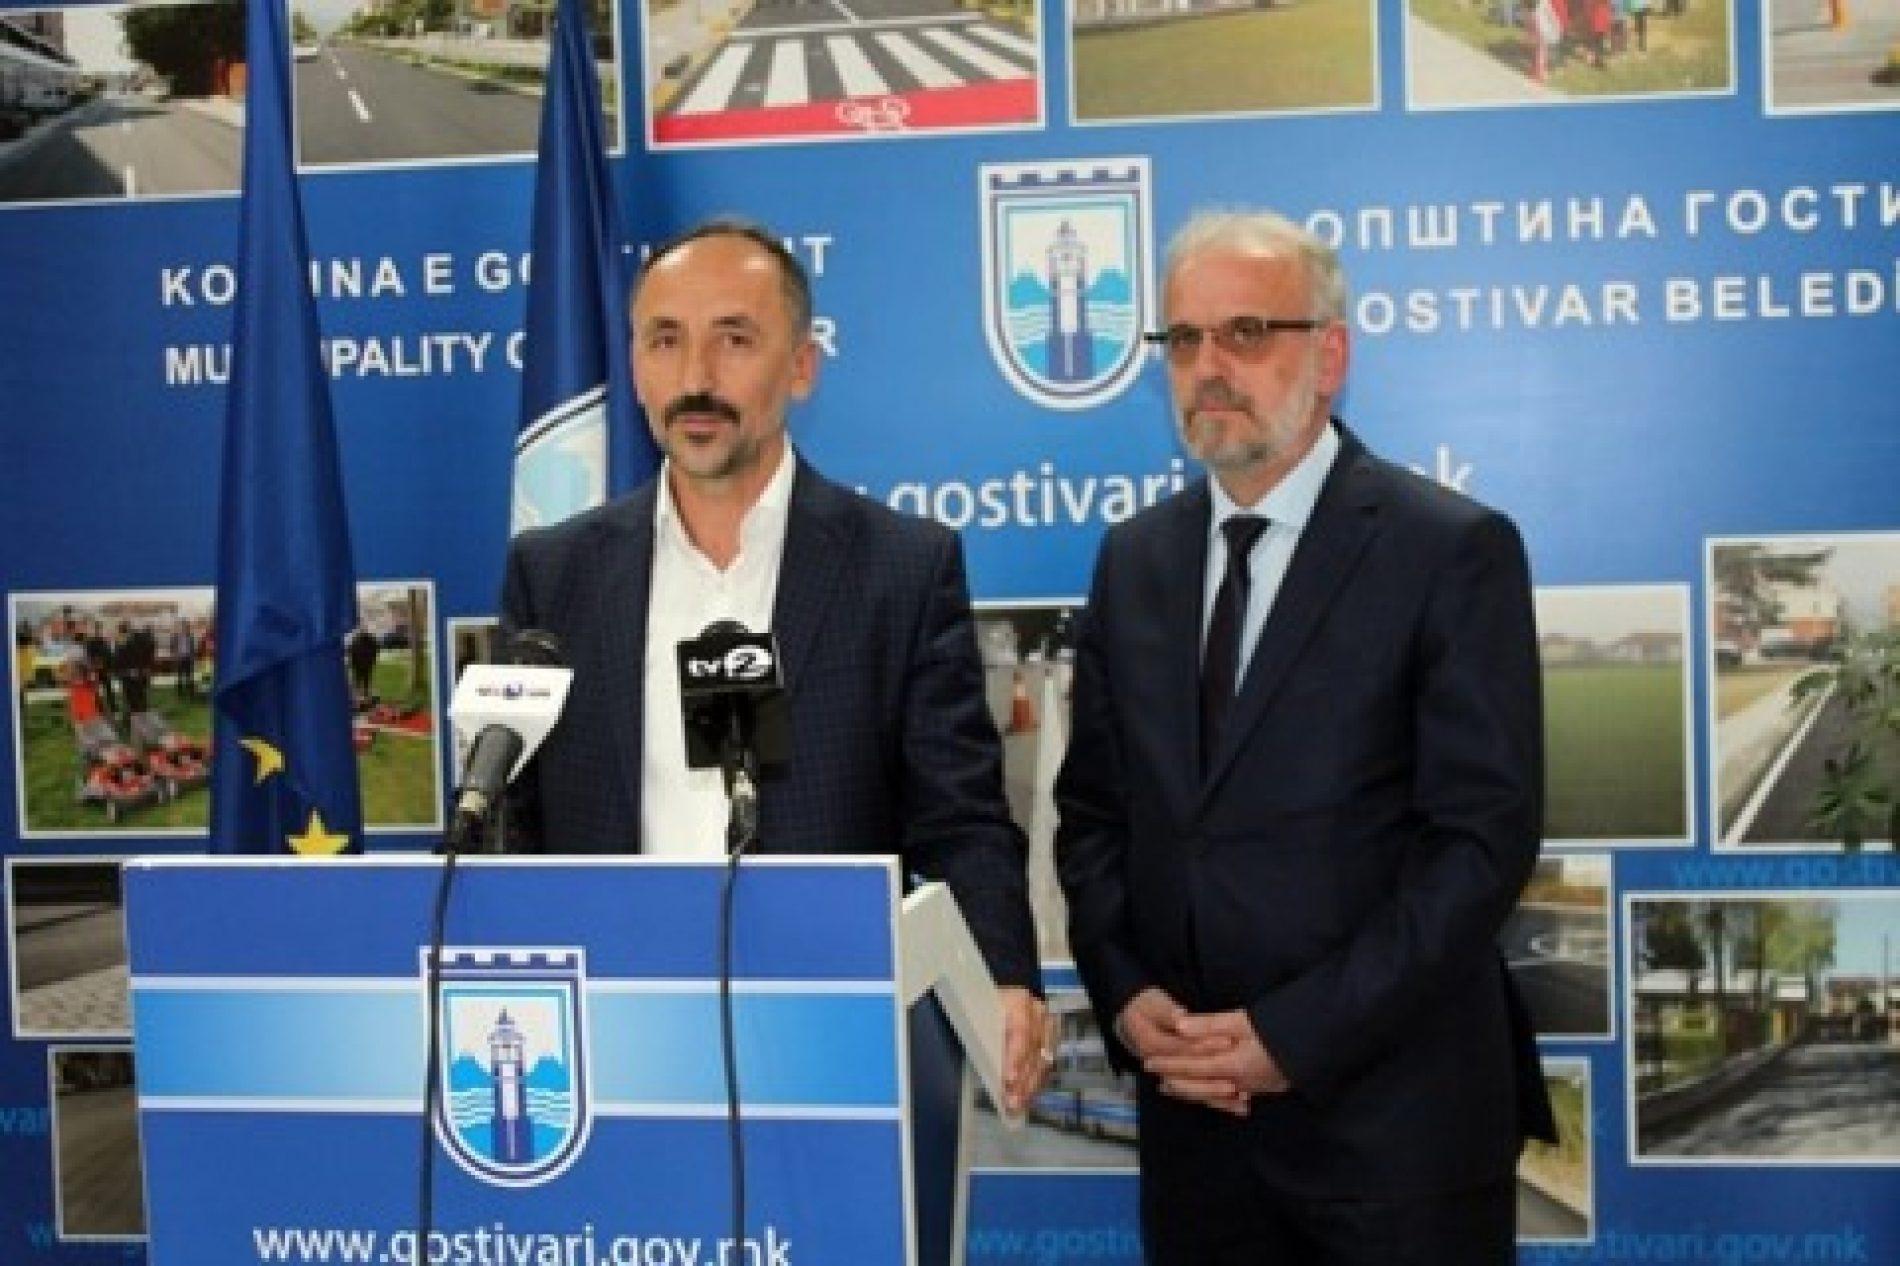 Kryeparlamentari Talat Xhaferi, vizitën e parë zyrtare e bëri në Komunën e Gostivarit